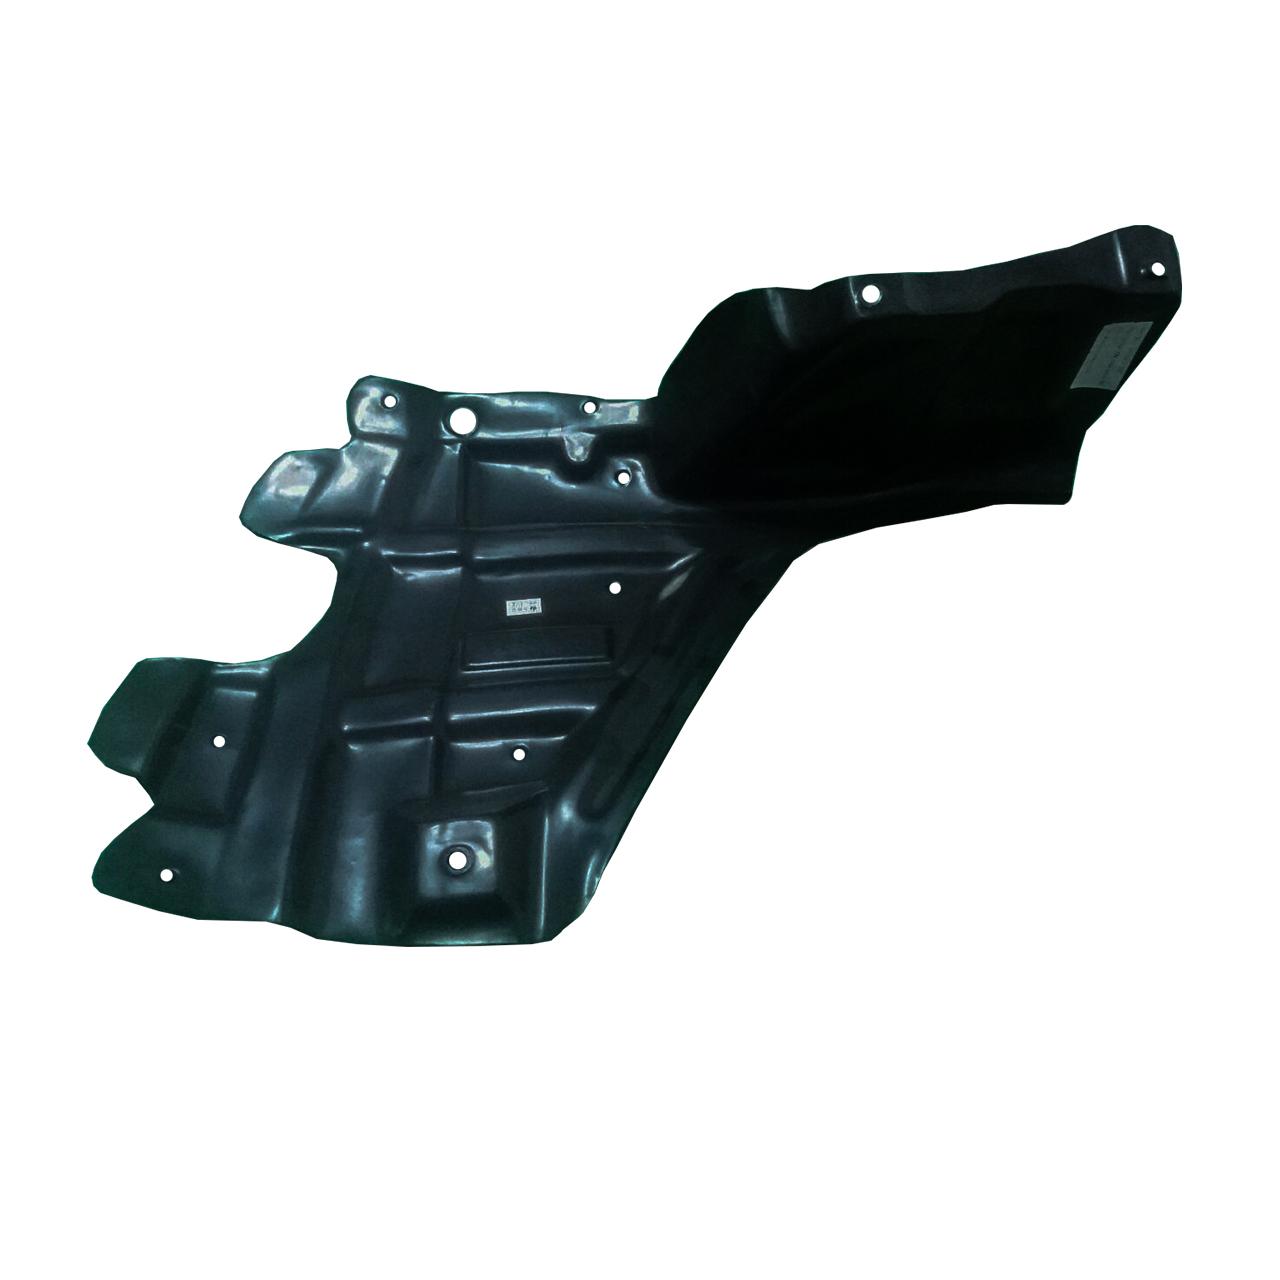 سینی زیر موتور راست مدل 5174012-J08 مناسب برای ولکس C30